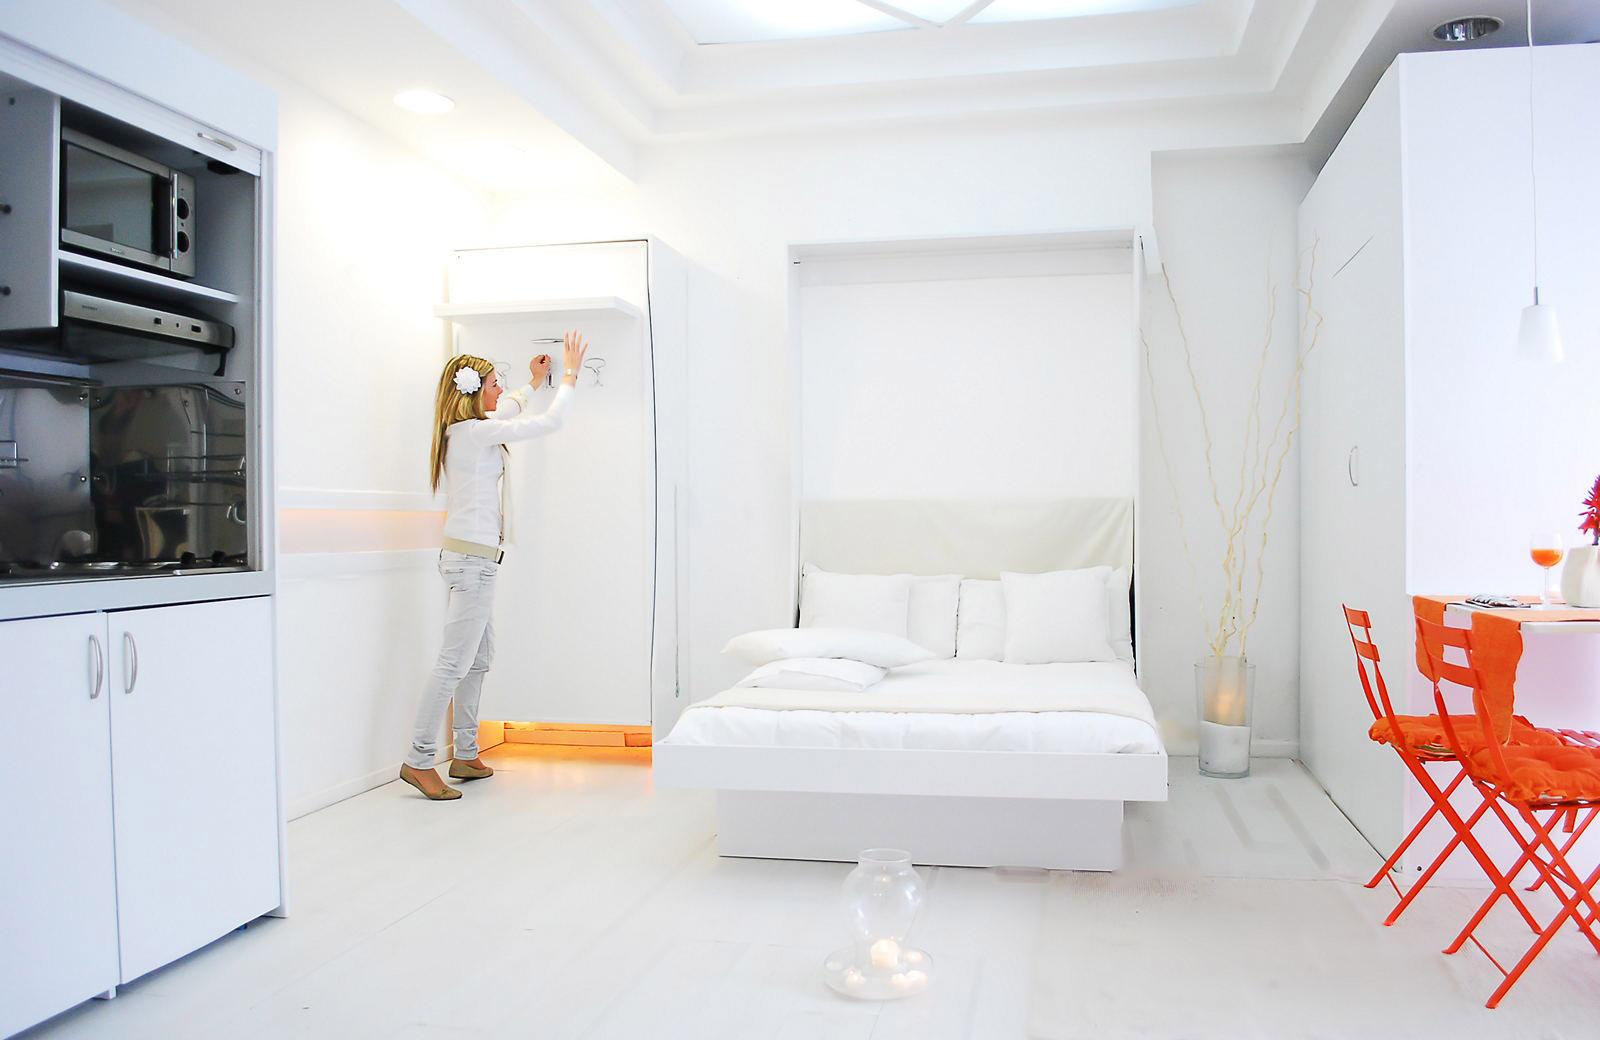 Armadio dwg idea creativa della casa e dell 39 interior design for E design della casa